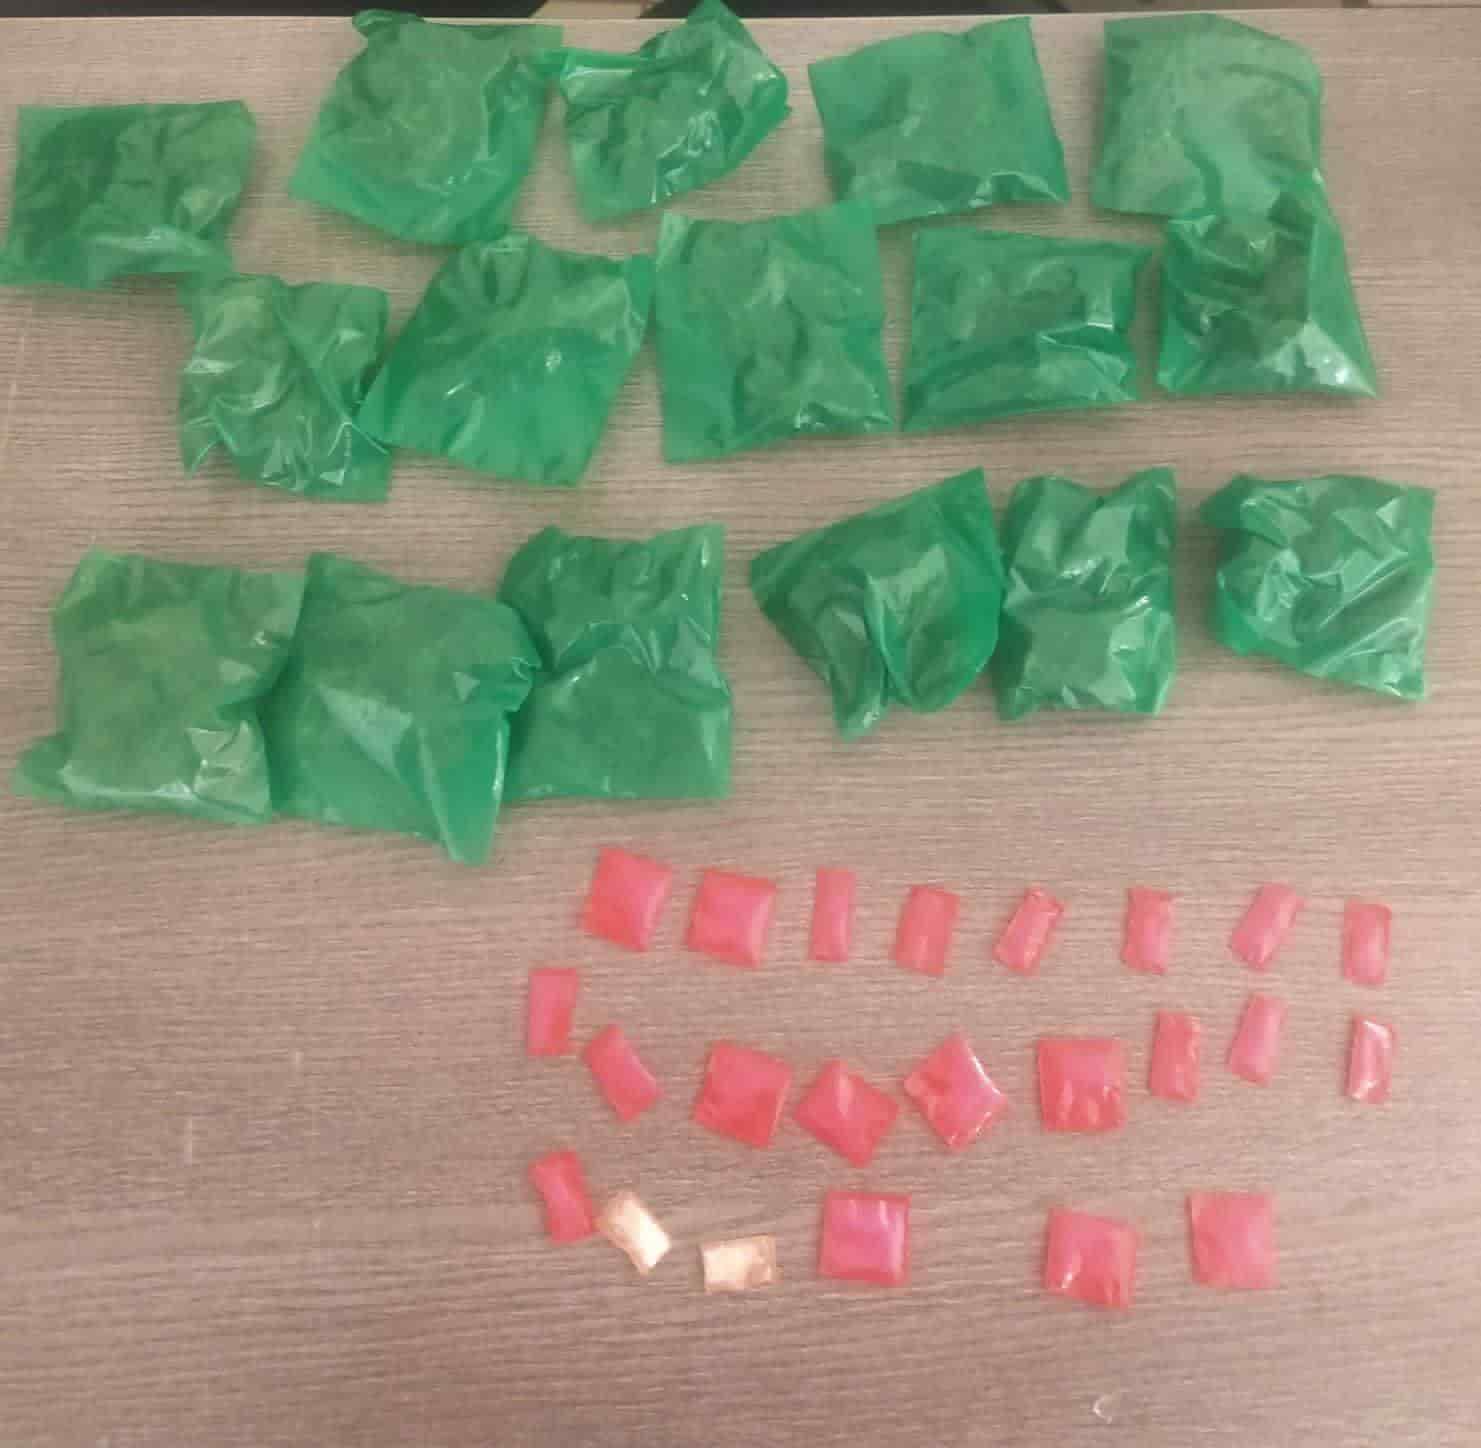 Con 40 envoltorios de cristal y marihuana, dos narcomenudistas fueron arrestados